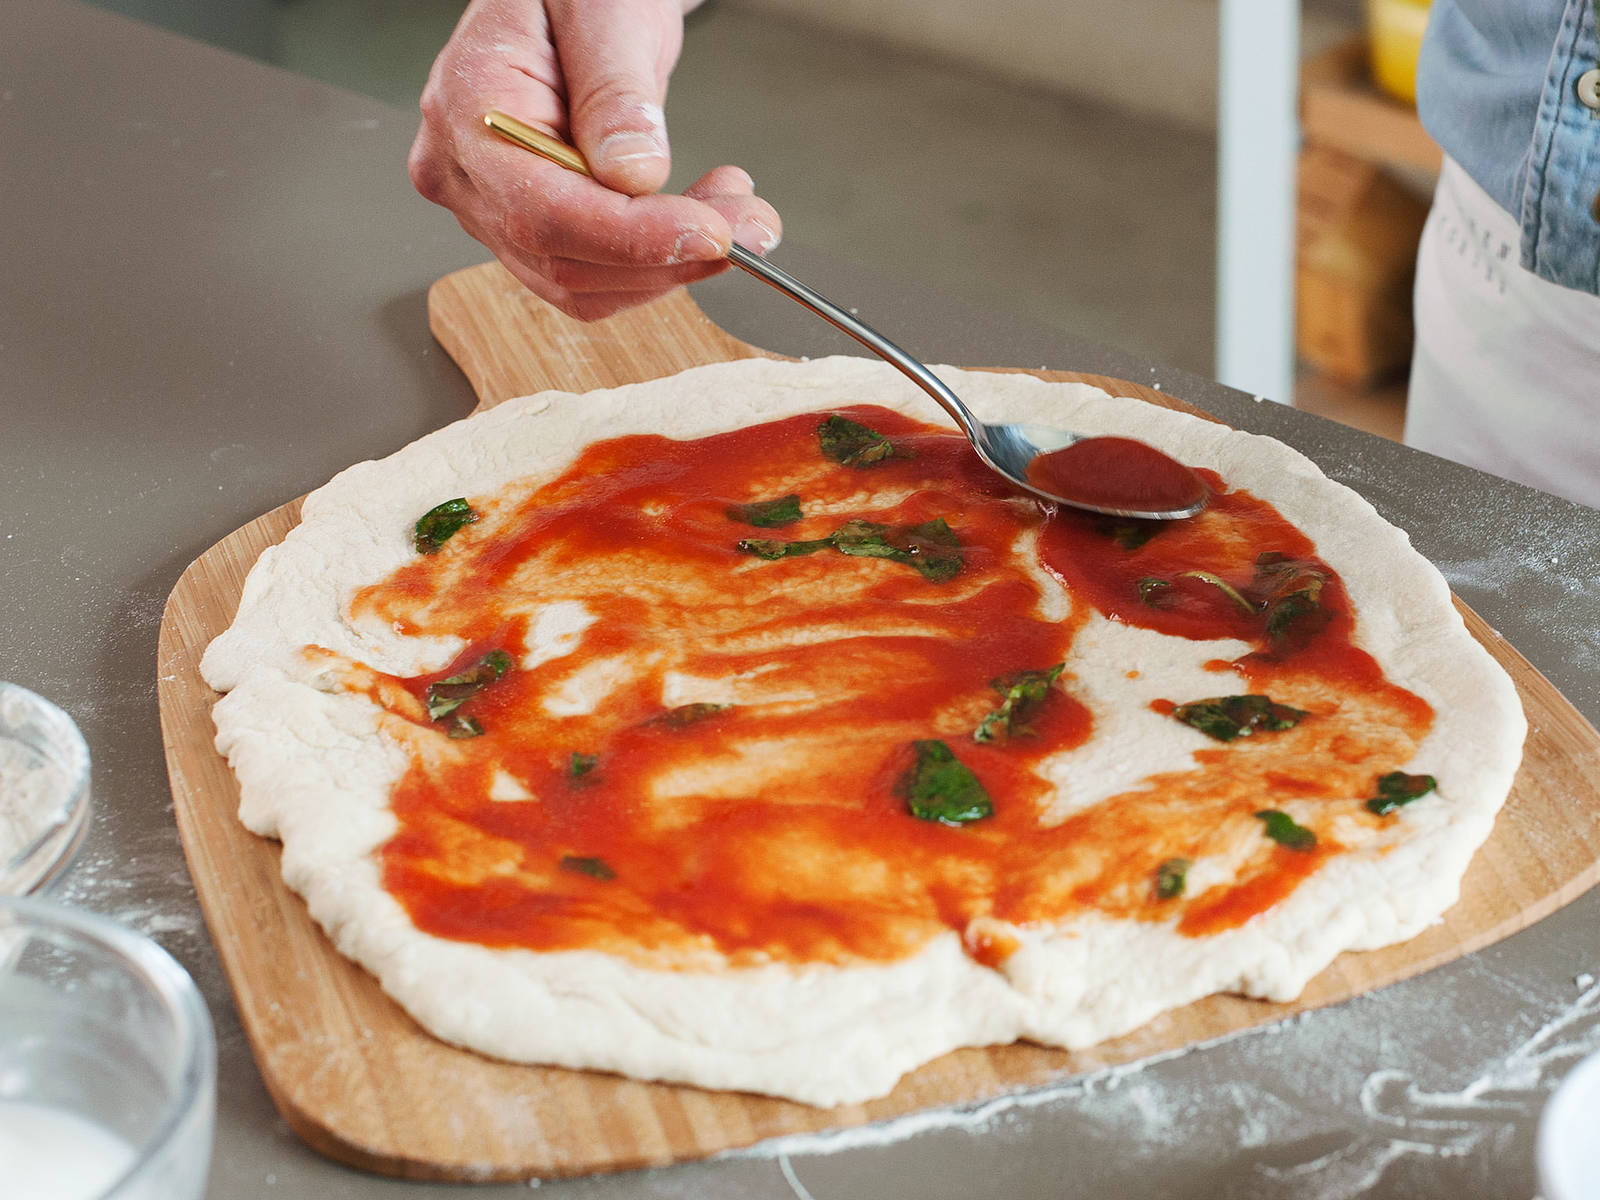 In einer kleinen Schüssel passierte Tomaten, Olivenöl und Salz mischen. Basilikumblätter grob abreißen und zur Sauce hinzugeben. Eine dünne Schicht der Sauce auf der Pizza verteilen und im vorgeheizten Backofen auf dem Pizzastein bei 250°C für ca. 6 - 7min. backen.